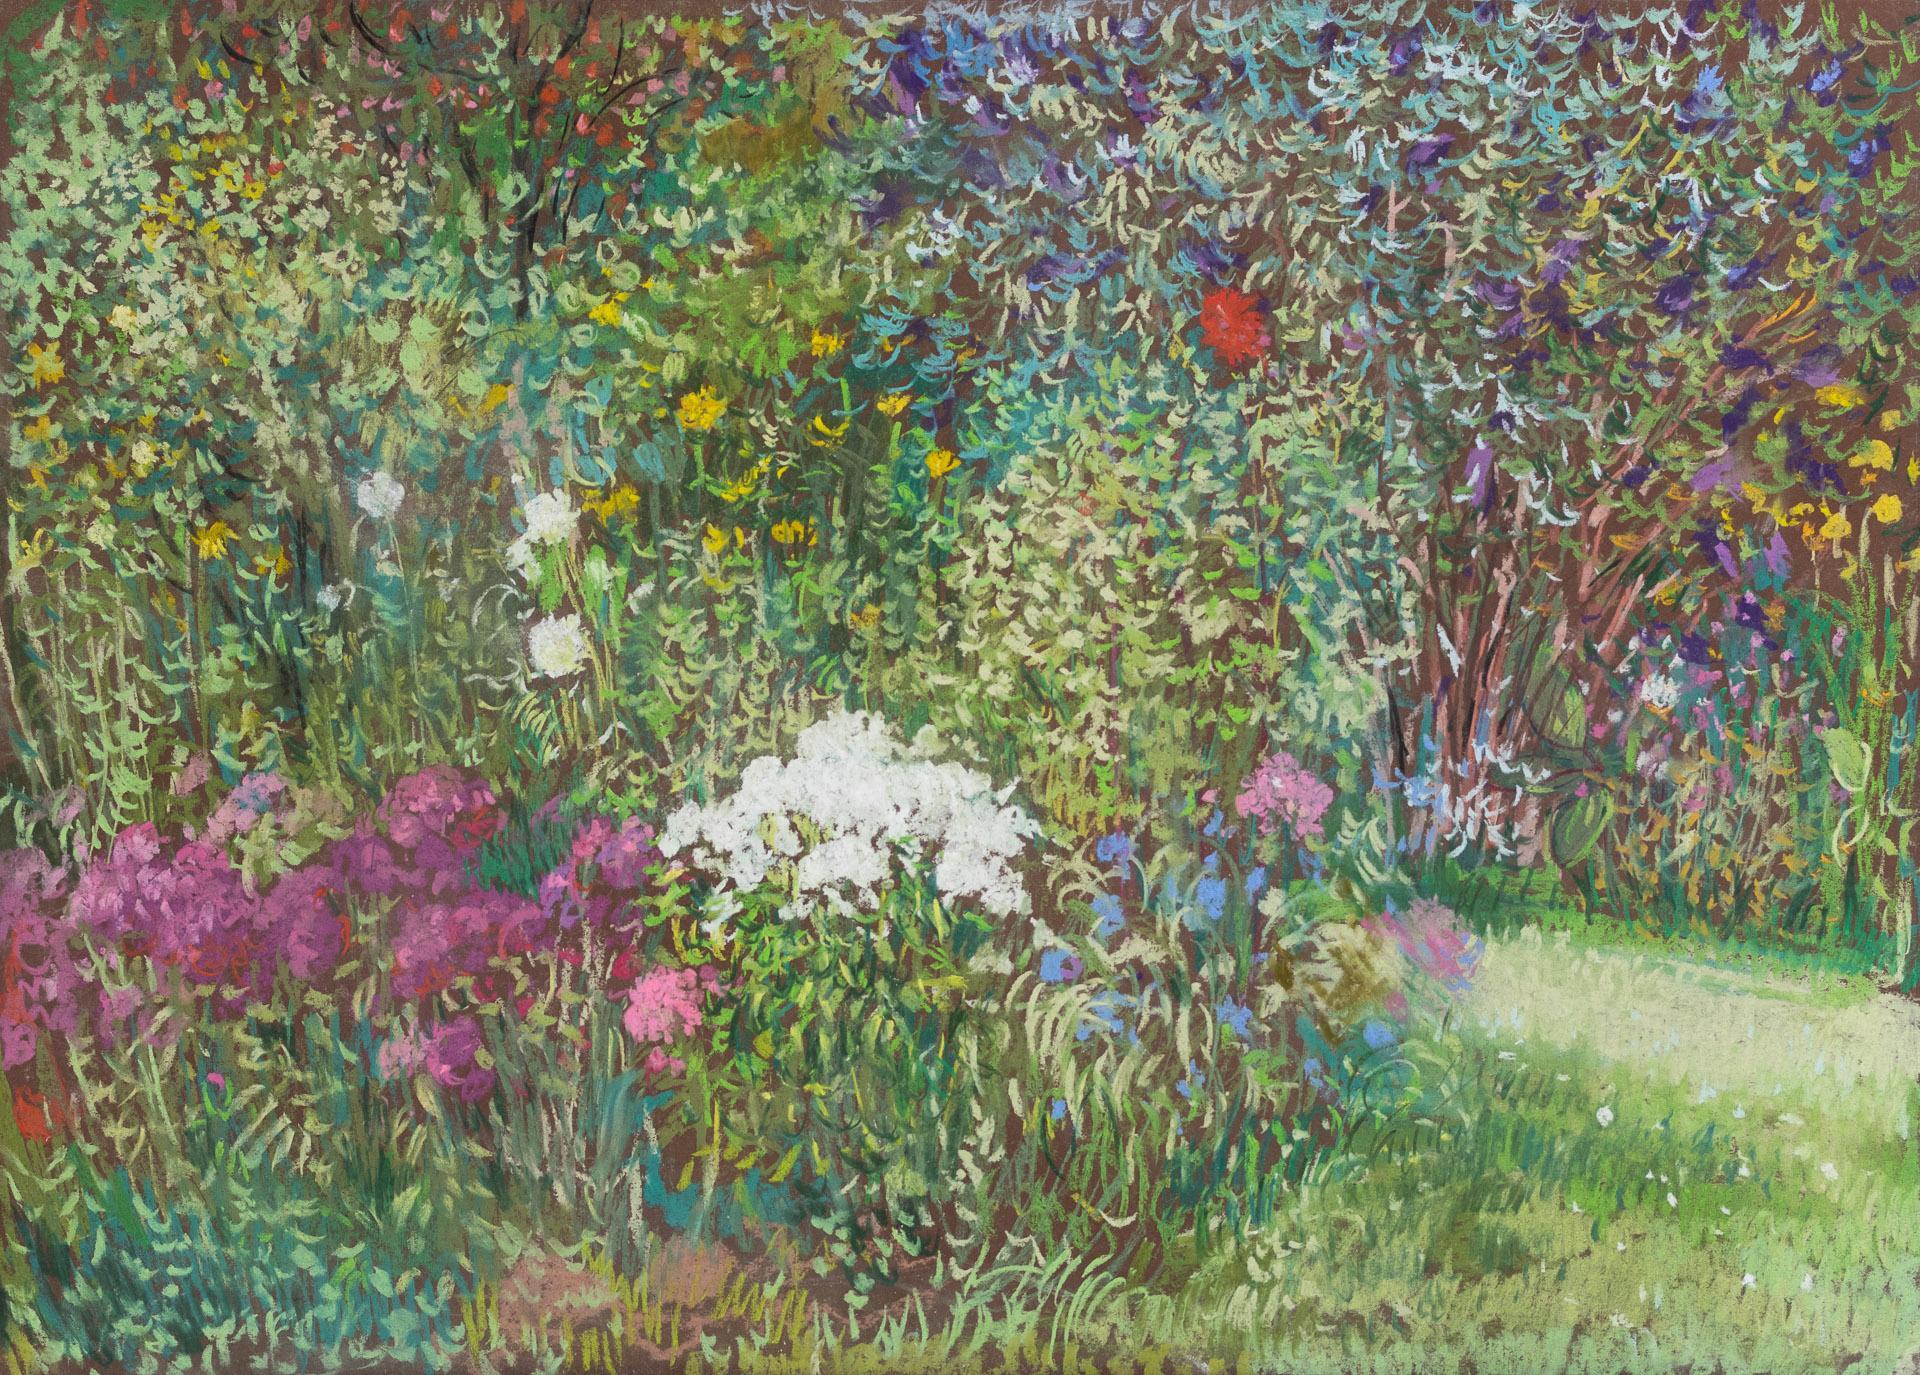 Anna Gestrich – Malerei | Blumengarten